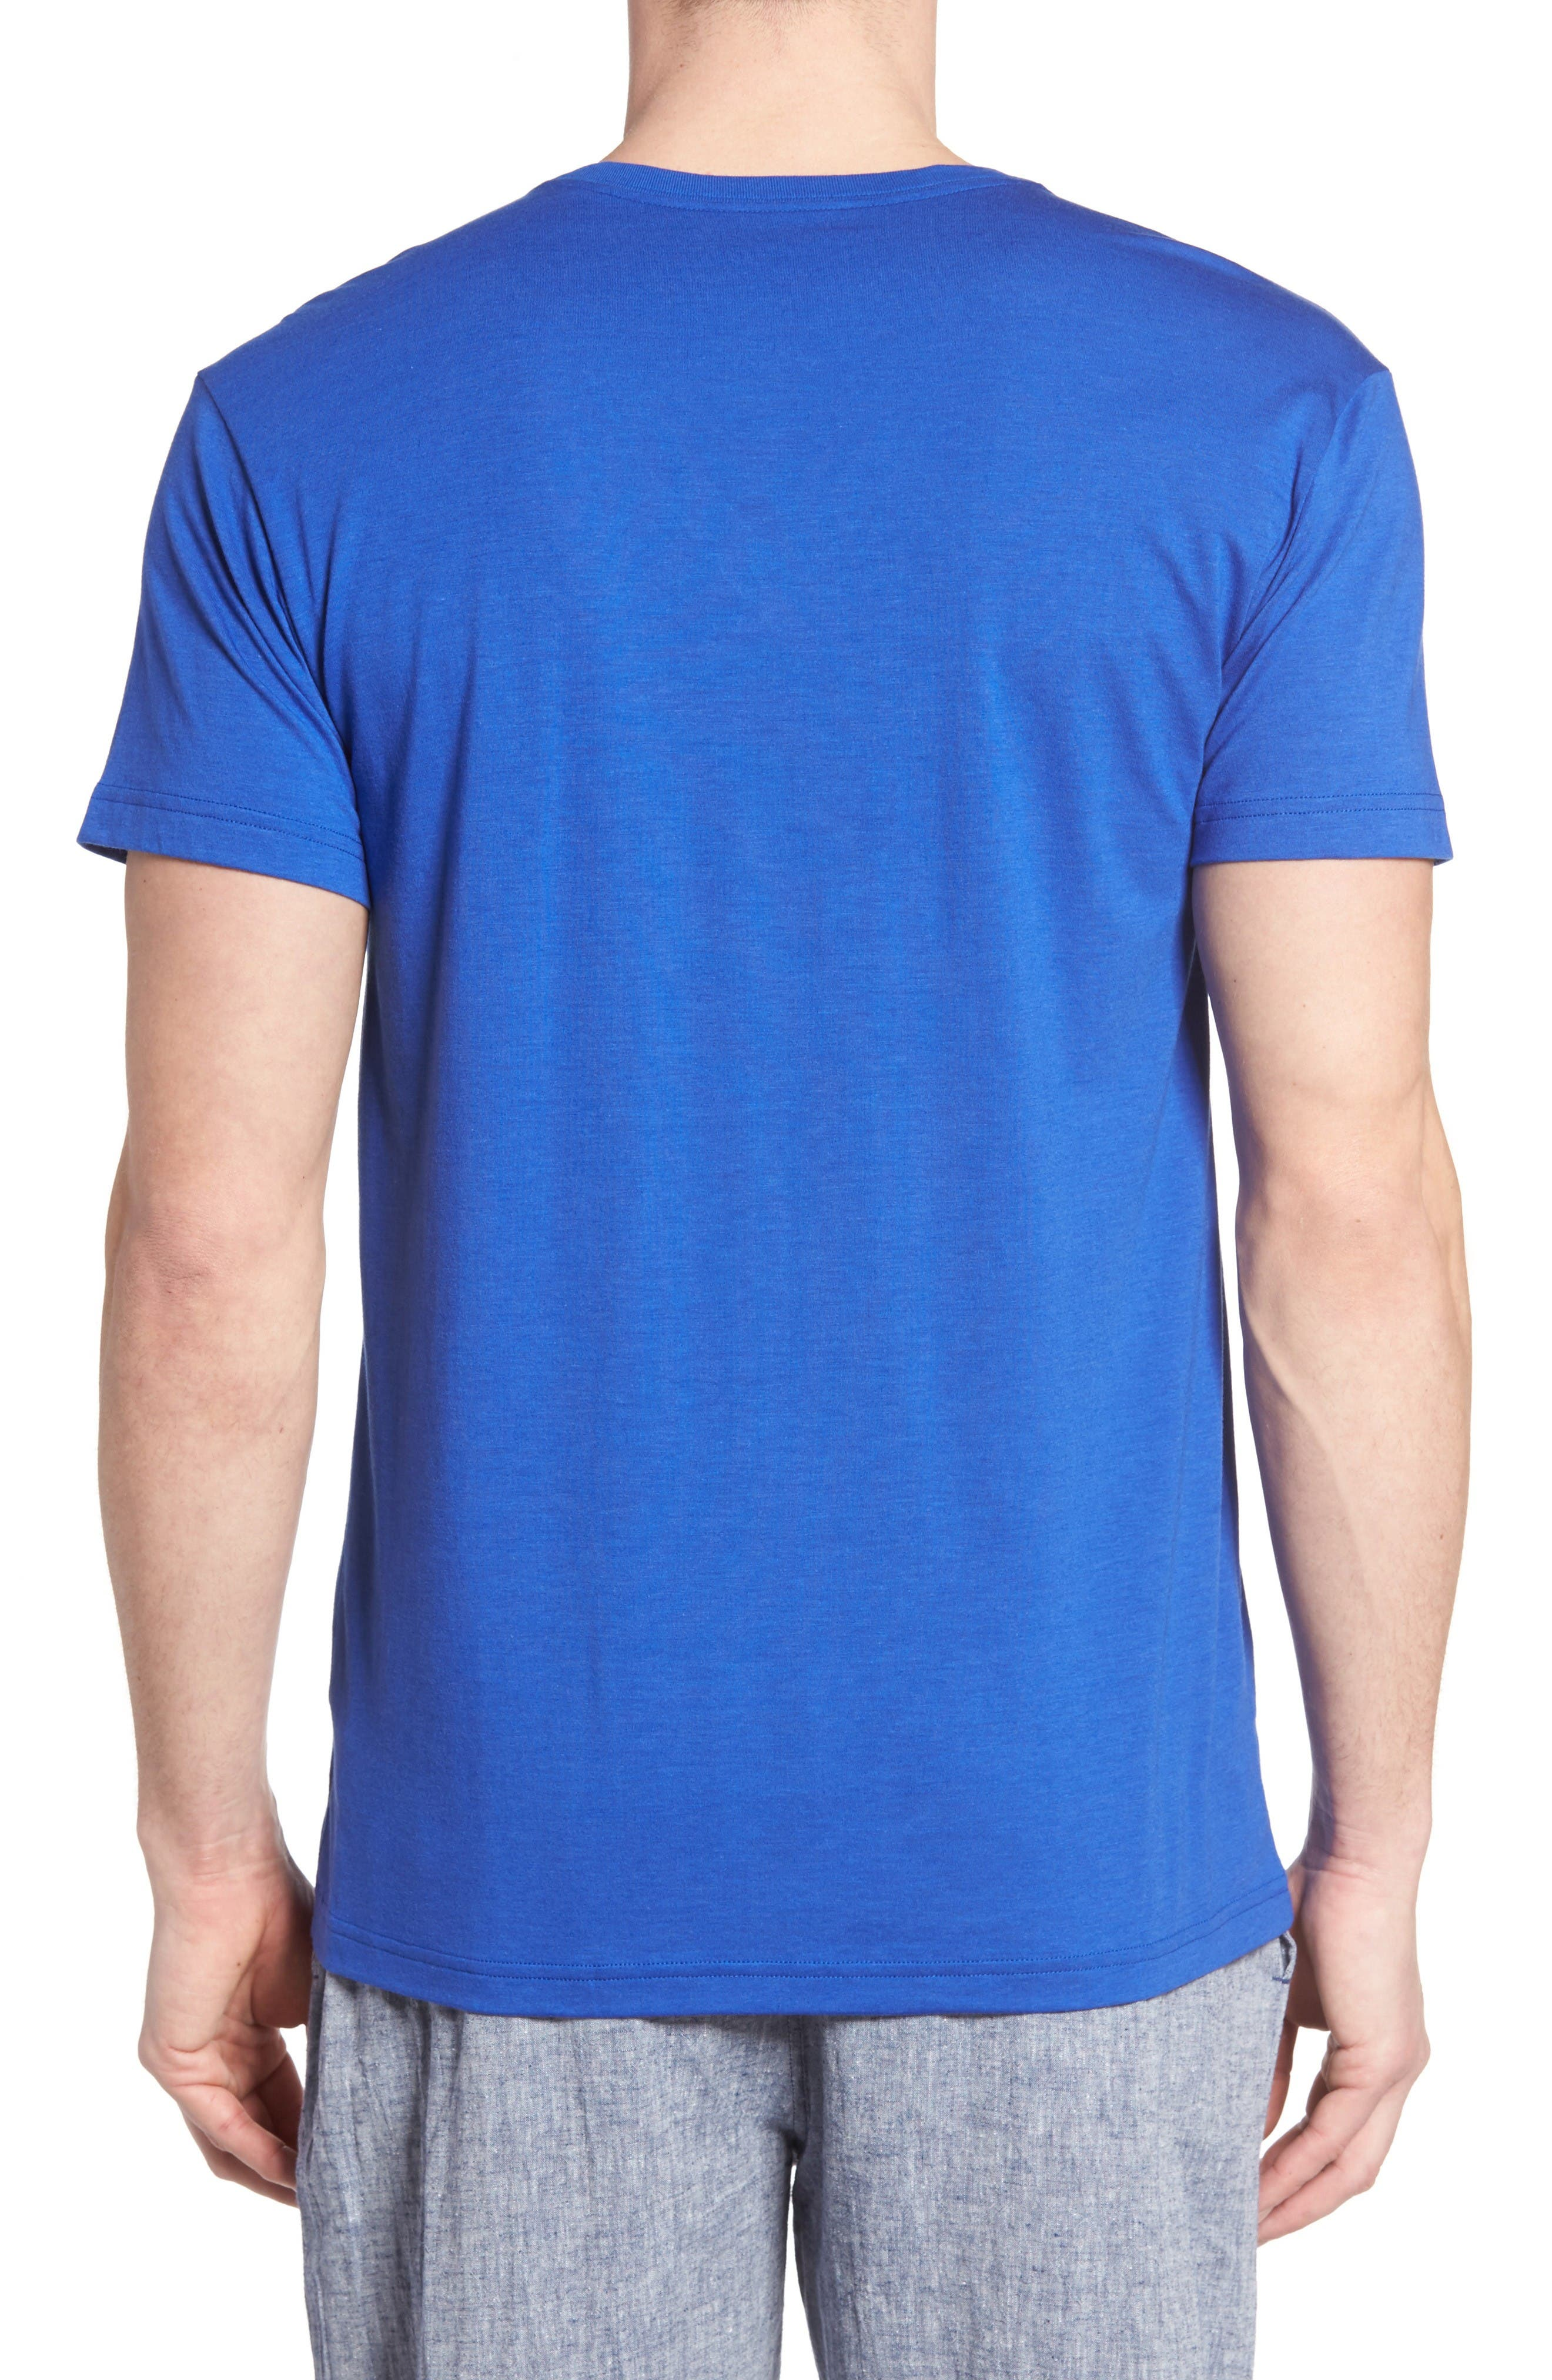 Alternate Image 2  - Polo Ralph Lauren Lounge V-Neck T-Shirt